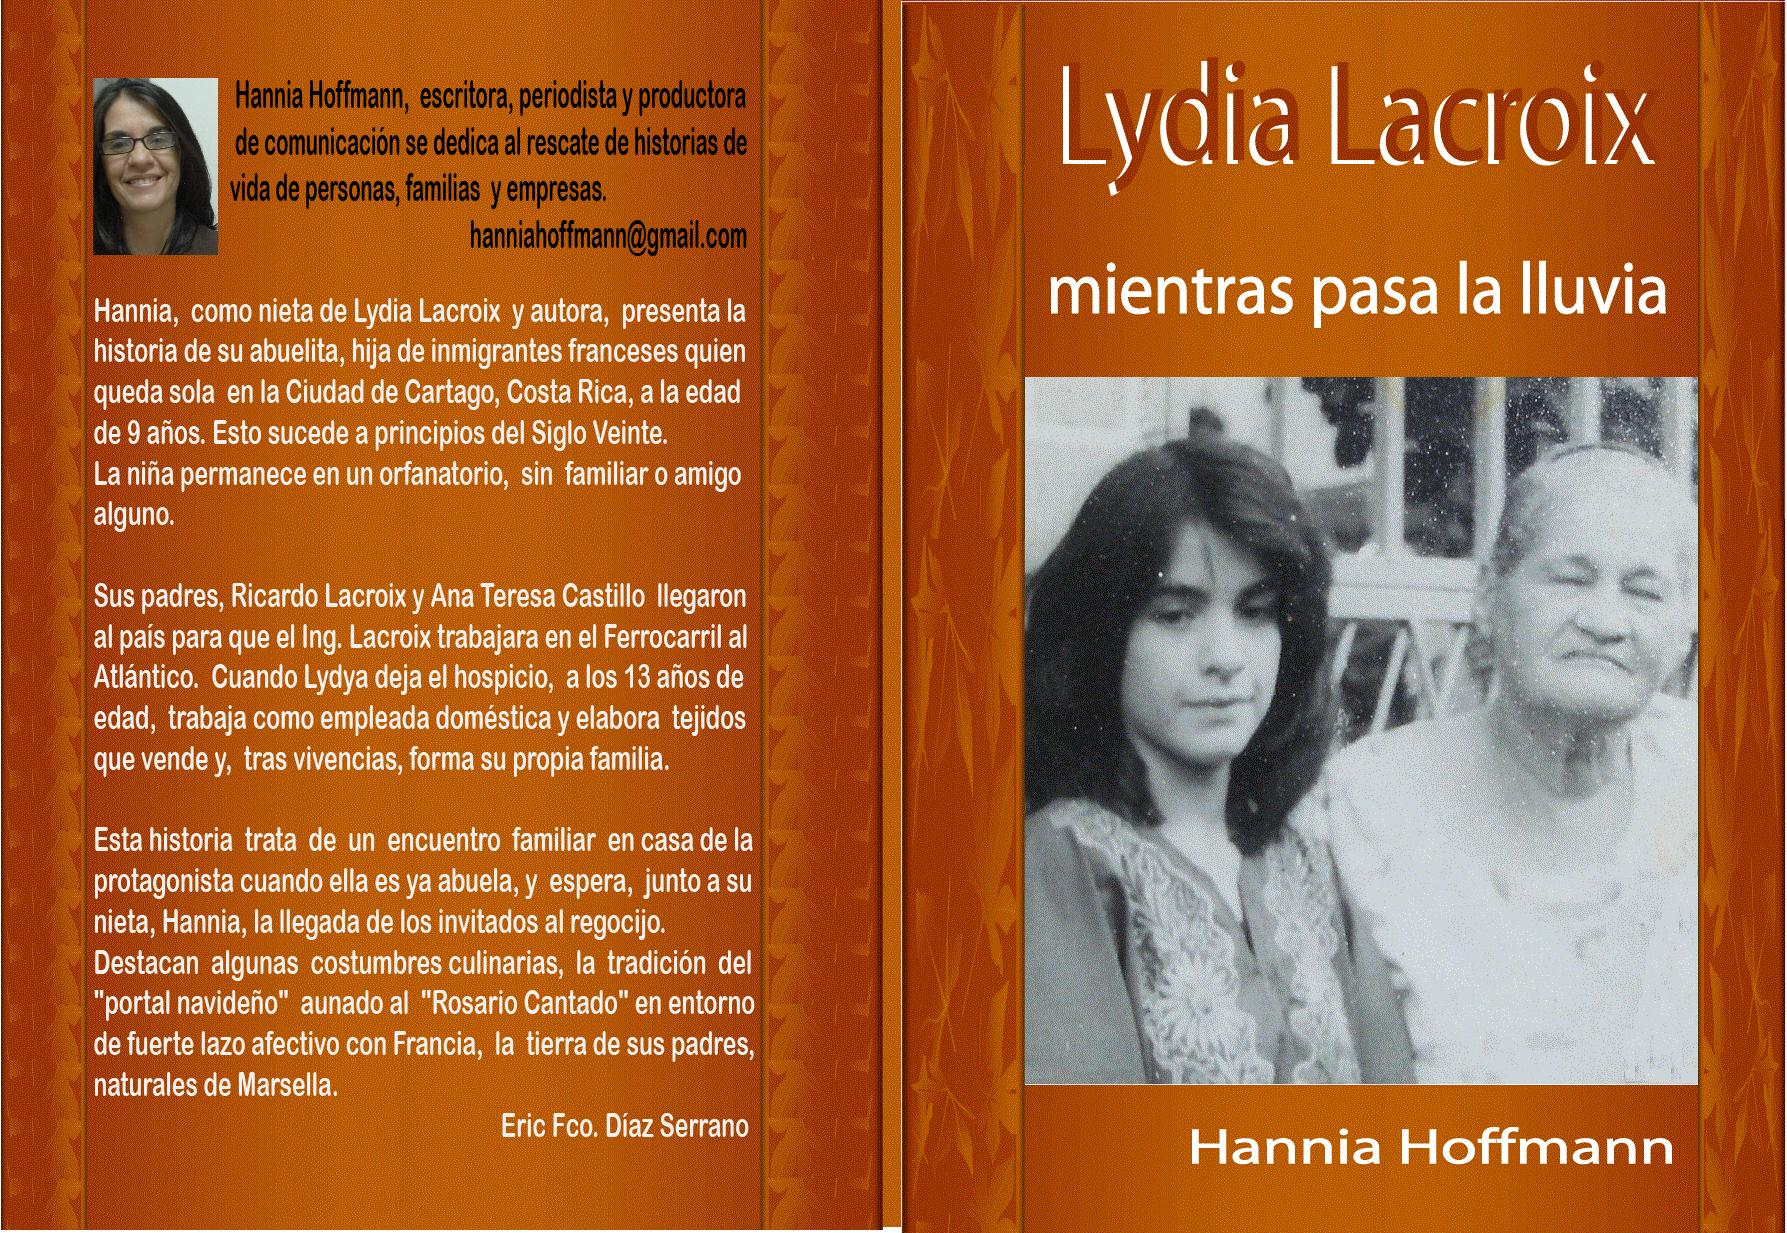 Mientras pasa la lluvia; en el entorno de Lydia Lacroix